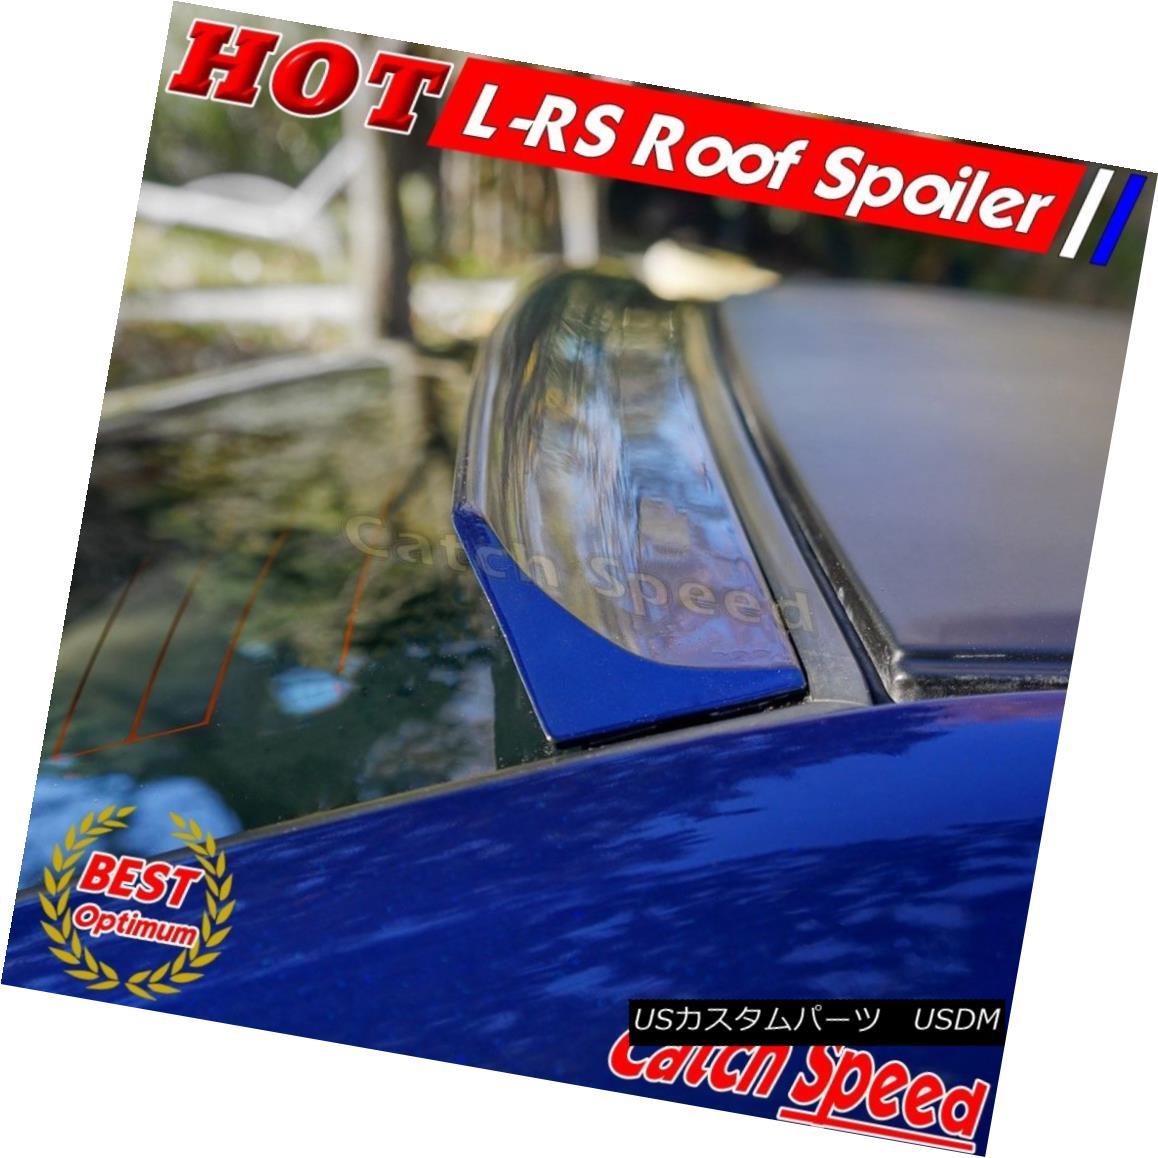 エアロパーツ Flat Black New LRS Type Rear Roof Spoiler Wing For VW JETTA 3 1992-1998 Sedan ? フラットブラック新しいLRSタイプリアルーフスポイラーウィングfor VW JETTA 3 1992-1998 Sedan?